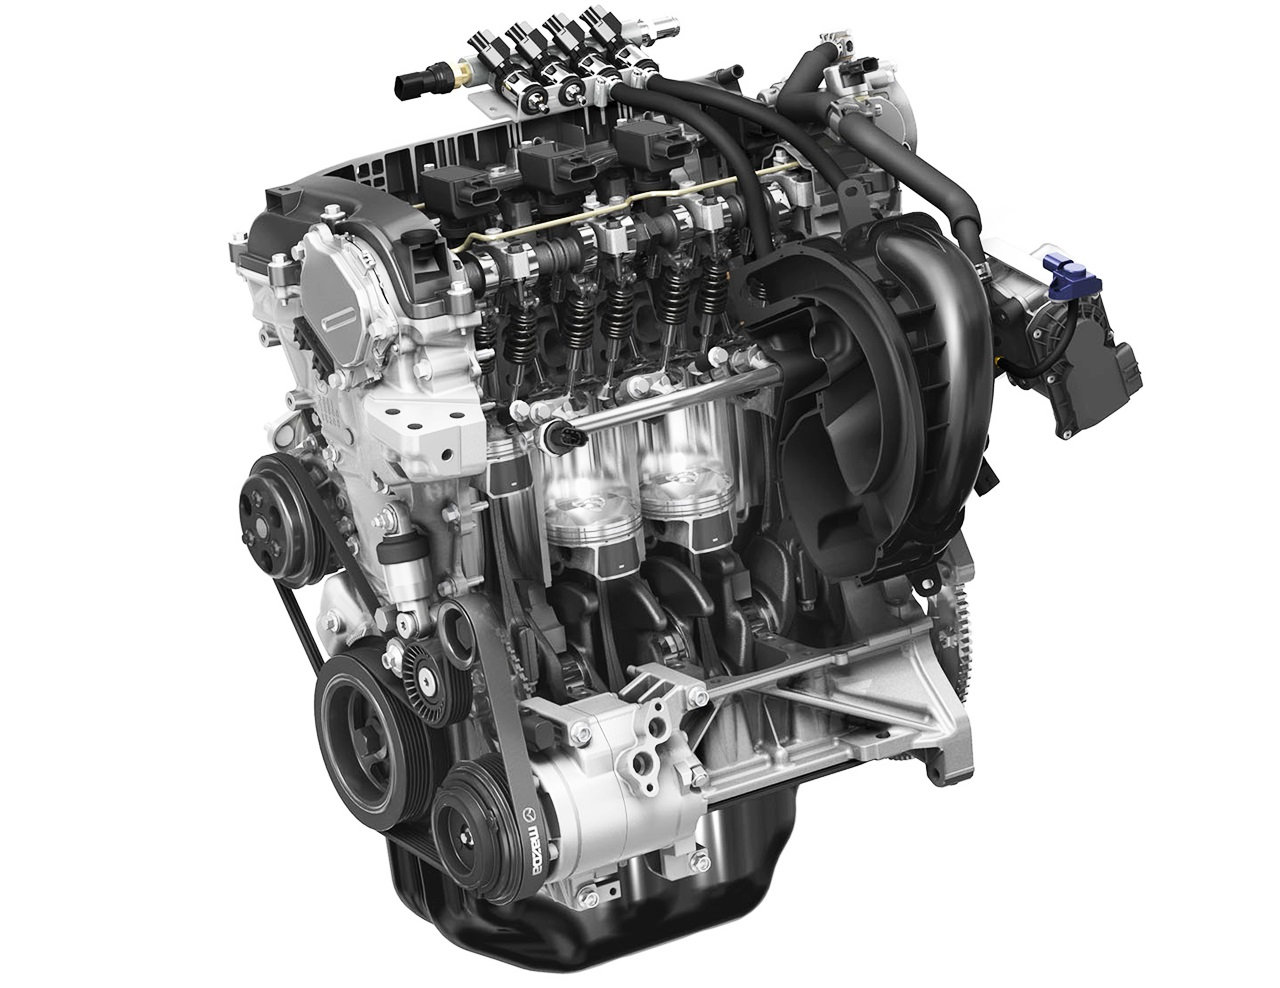 マツダと日産が「究極の次世代エンジン」を2018年に搭載? | clicccar.com